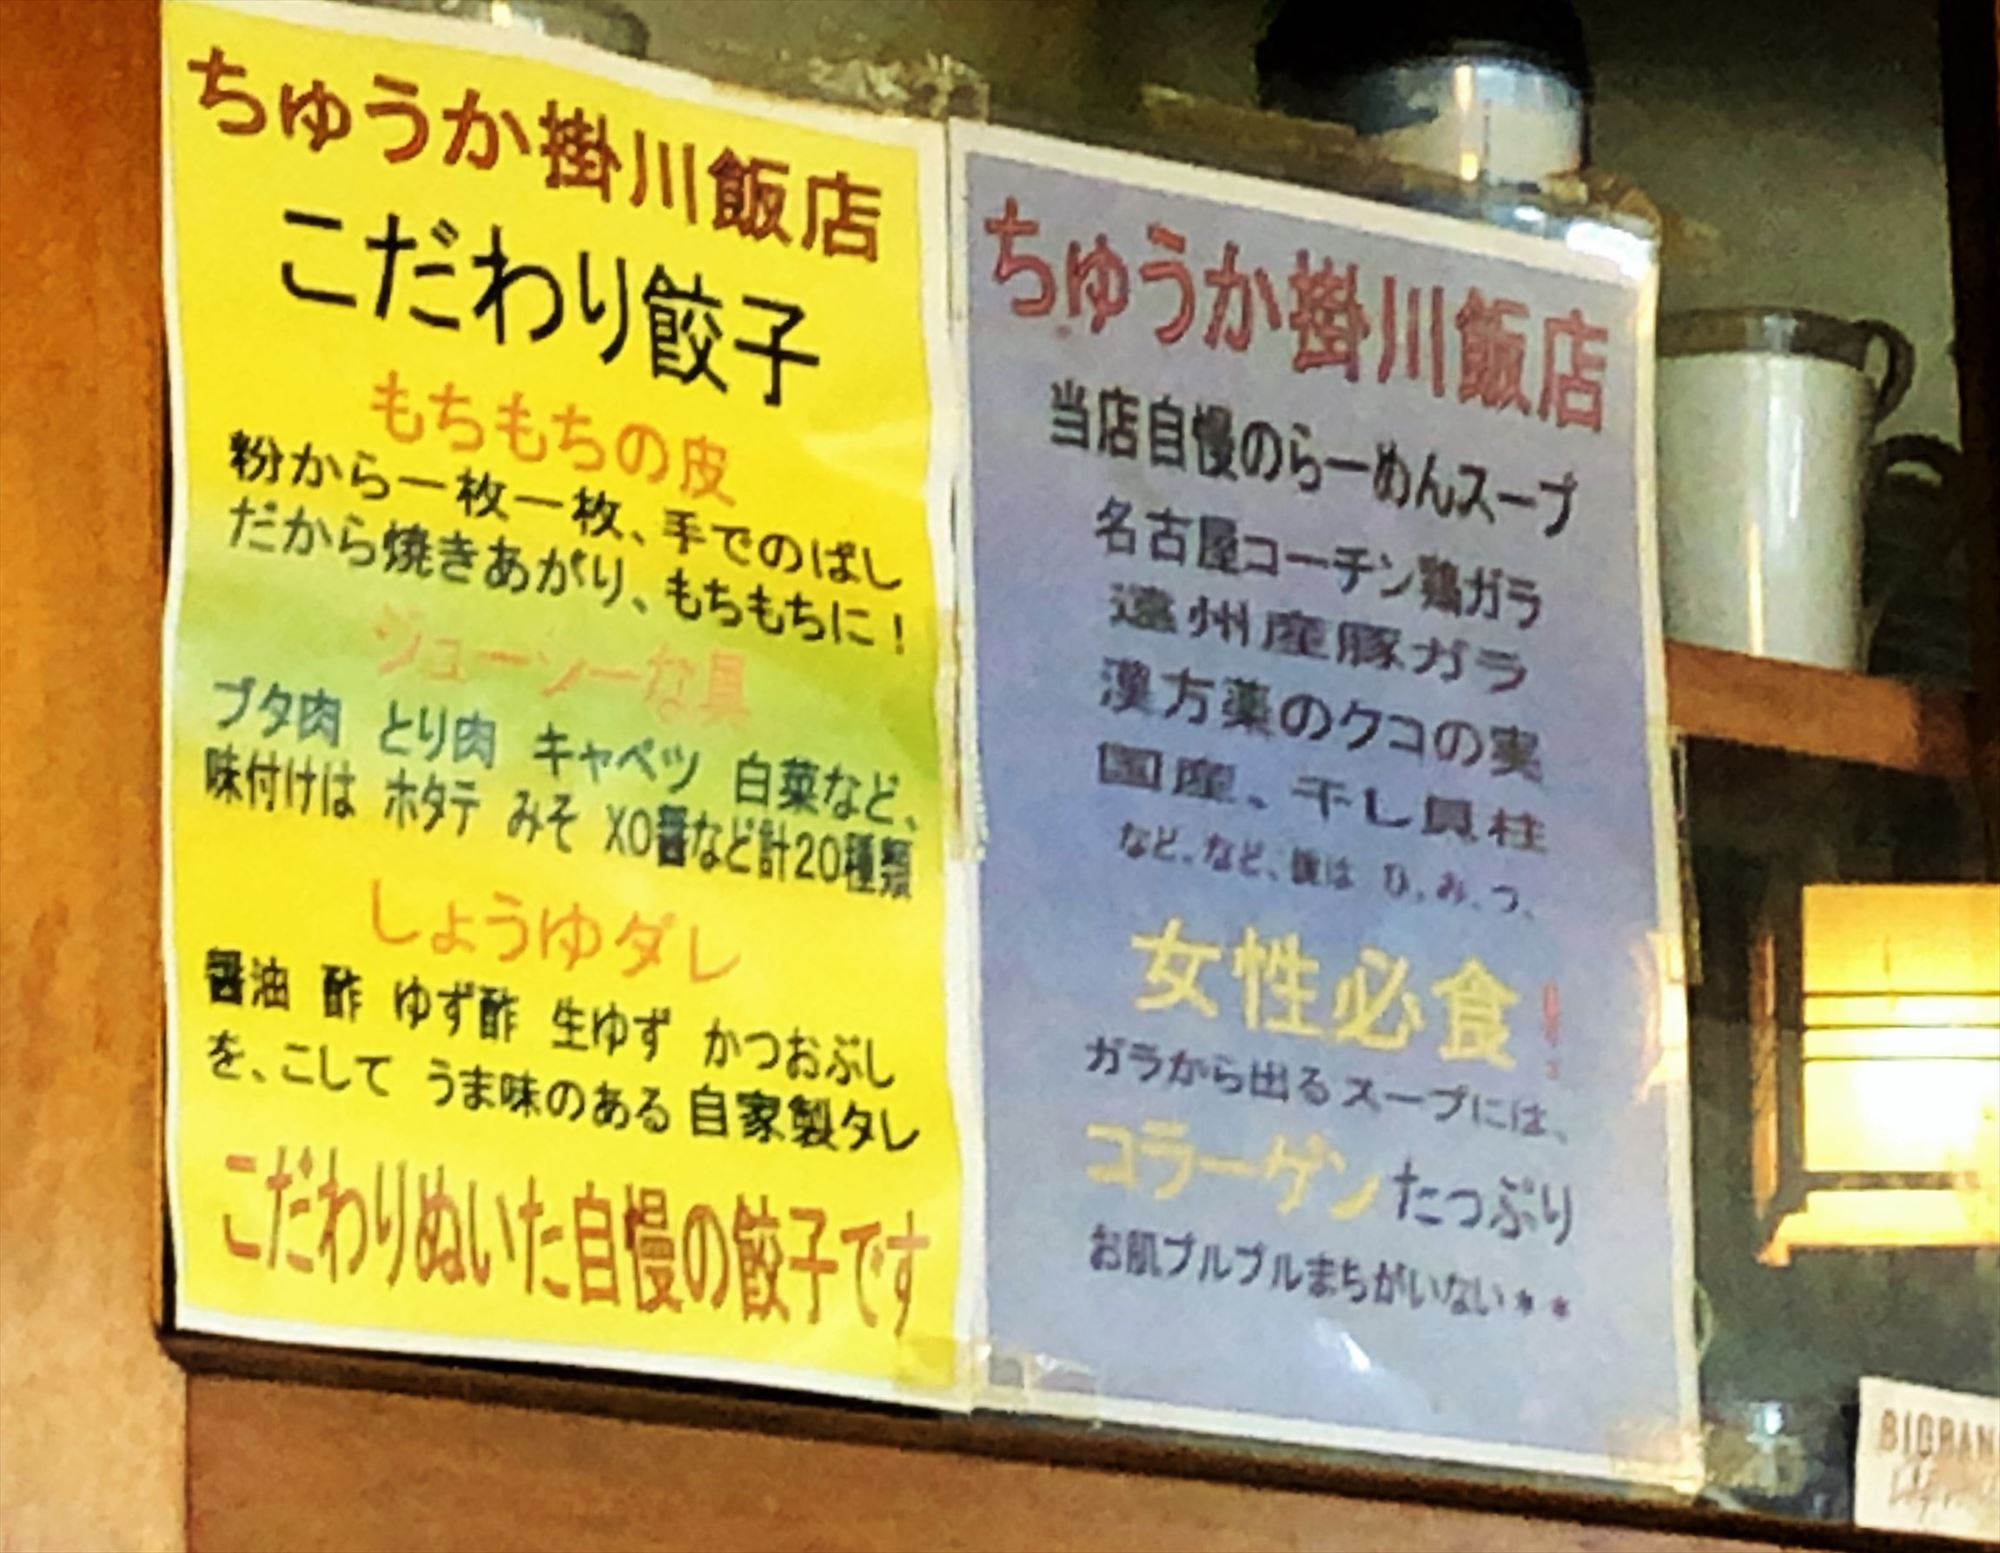 ちゅうか 掛川飯店の案内